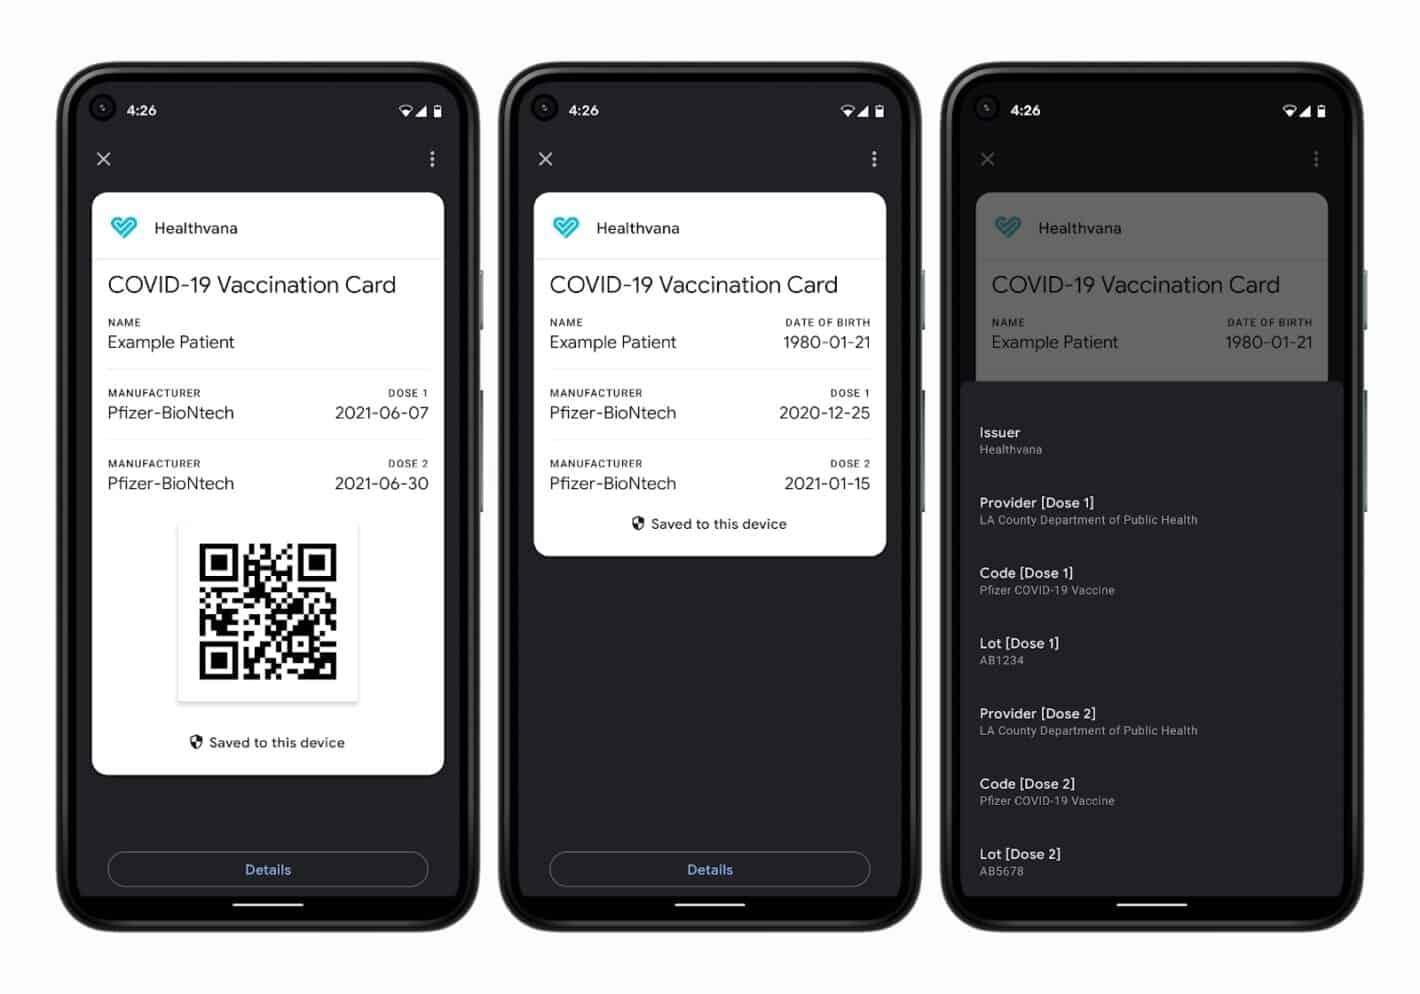 Google Pay ahora puede almacenar sus tarjetas de vacunación COVID-19